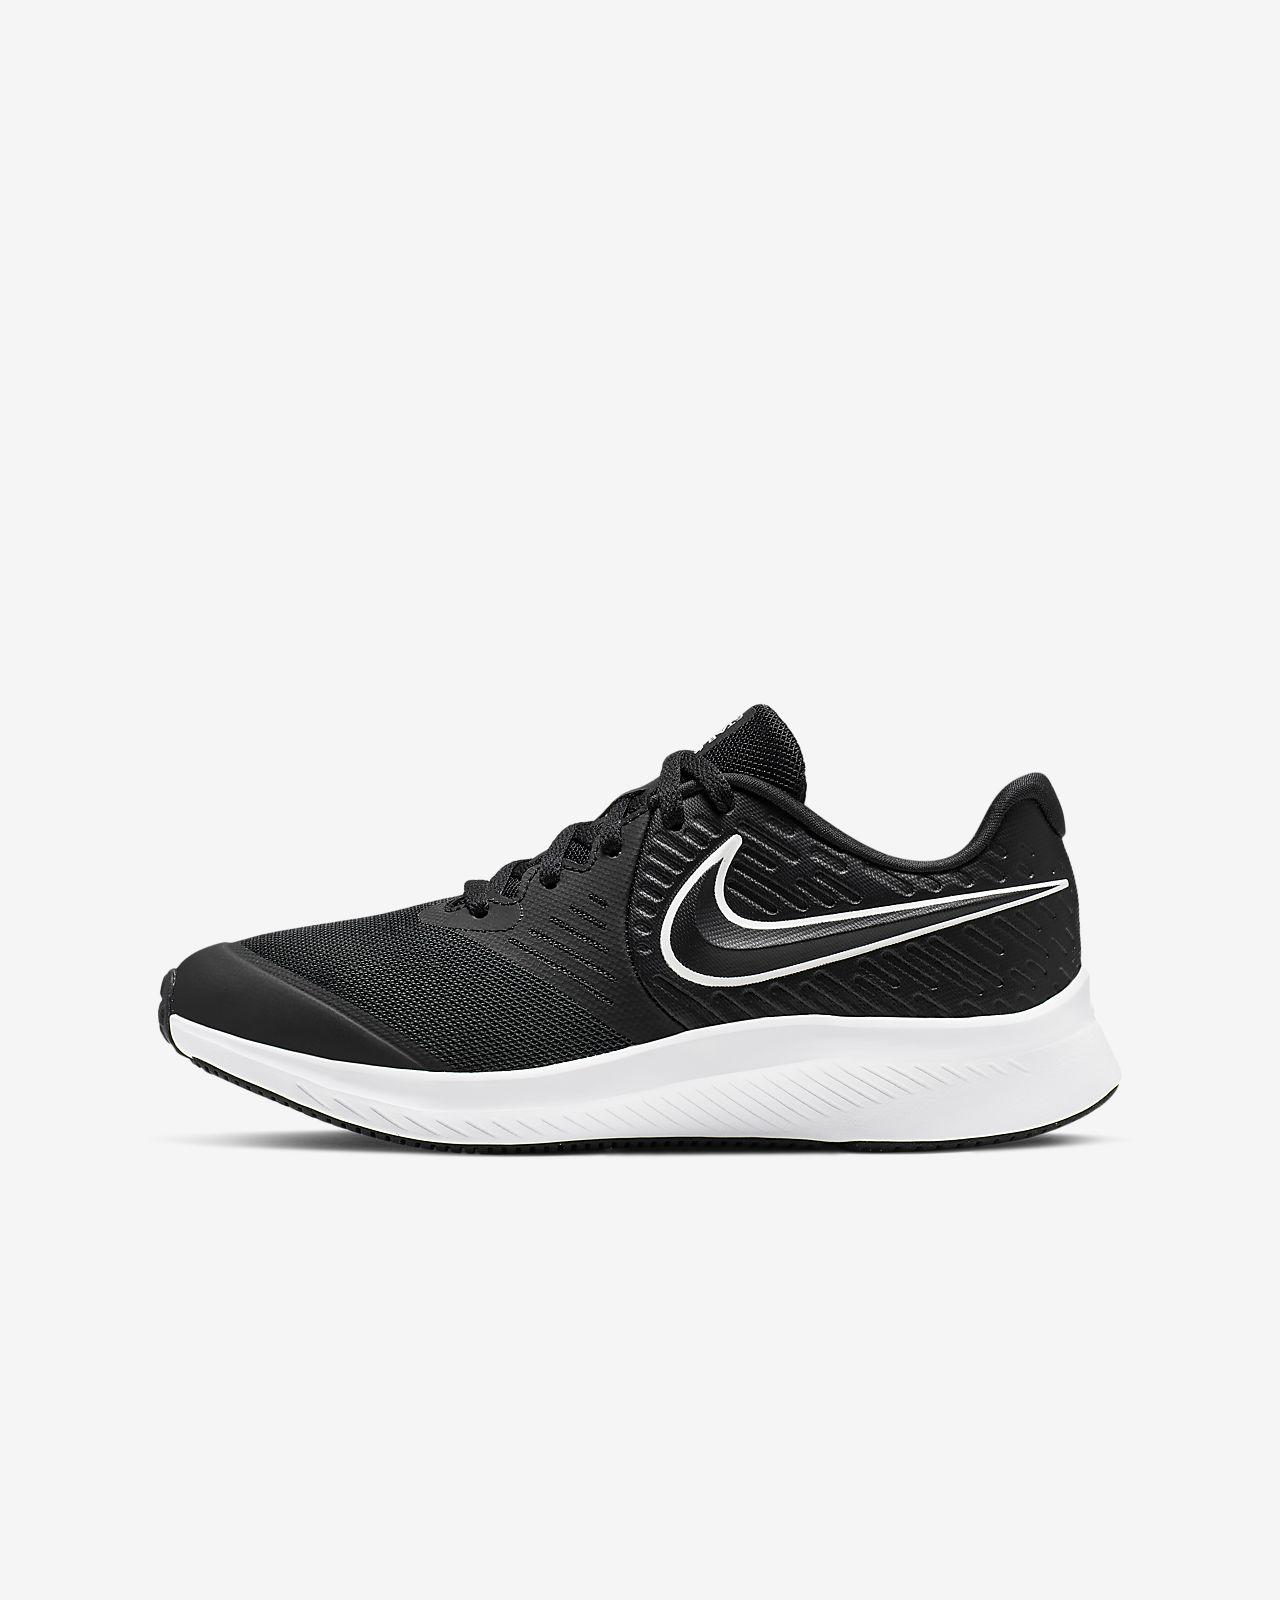 รองเท้าวิ่งเด็กโต Nike Star Runner 2